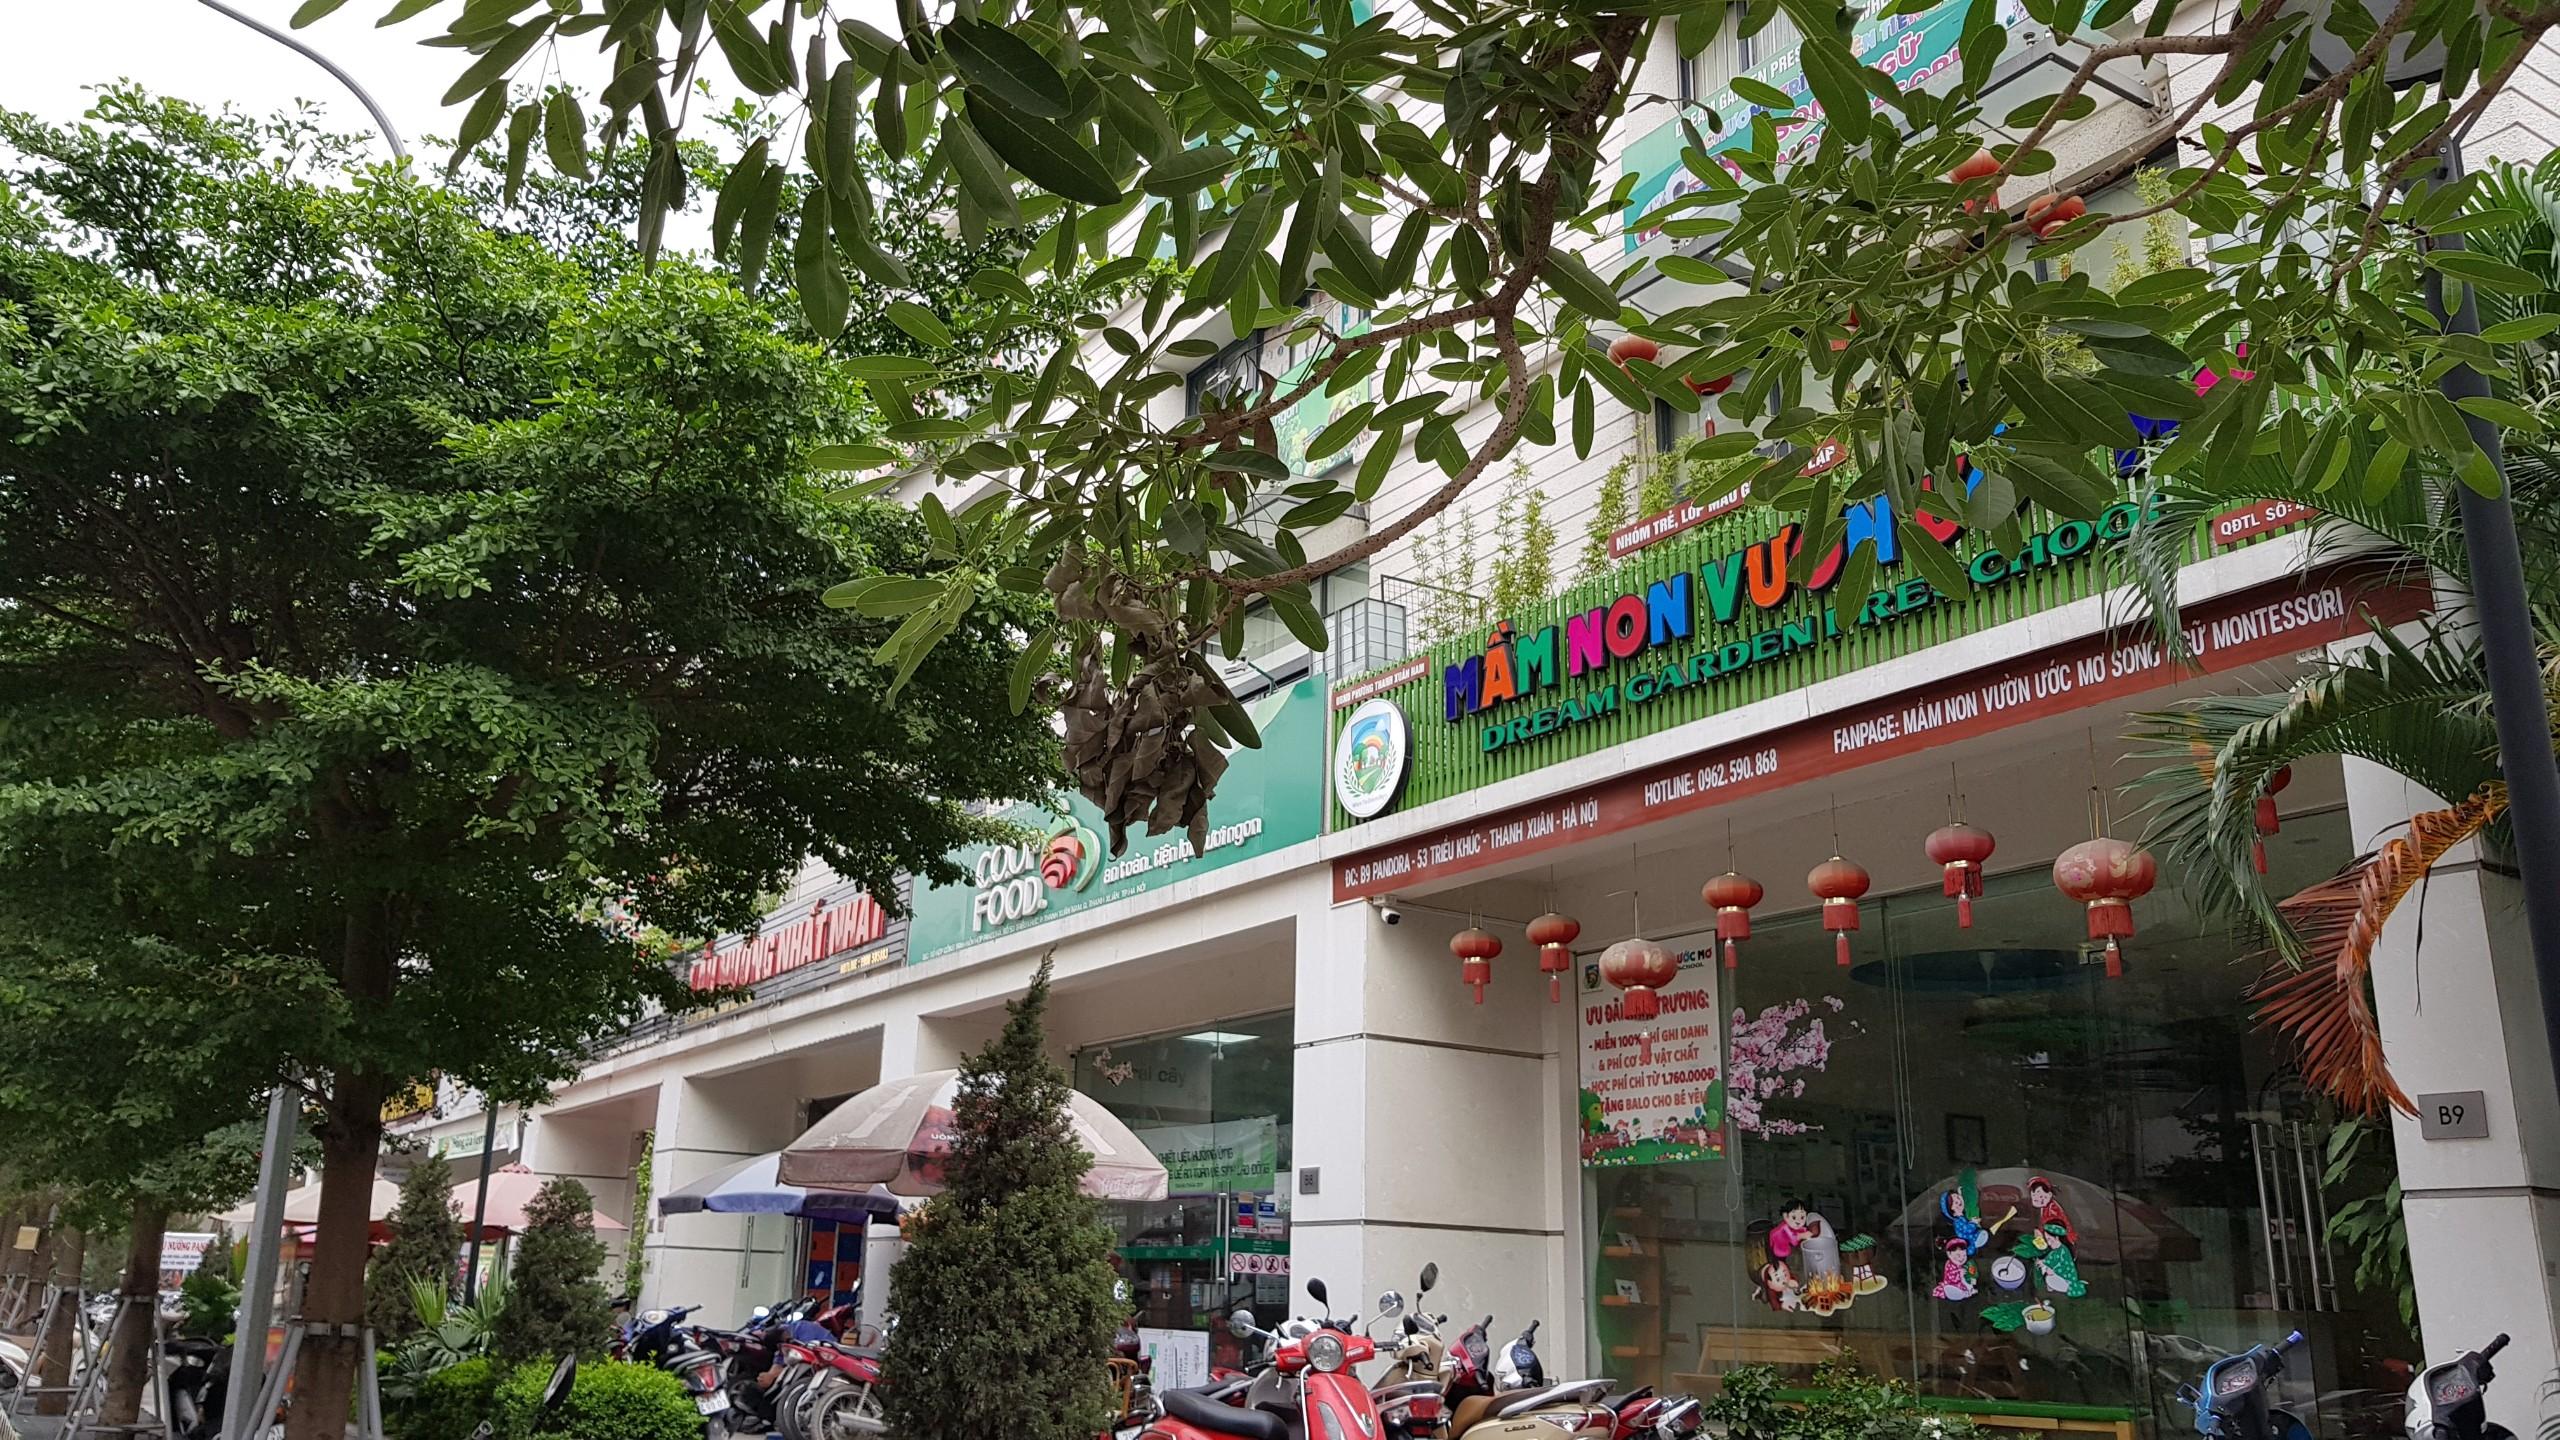 Chung cư PCC1 Thanh Xuân sầm uất shophouse